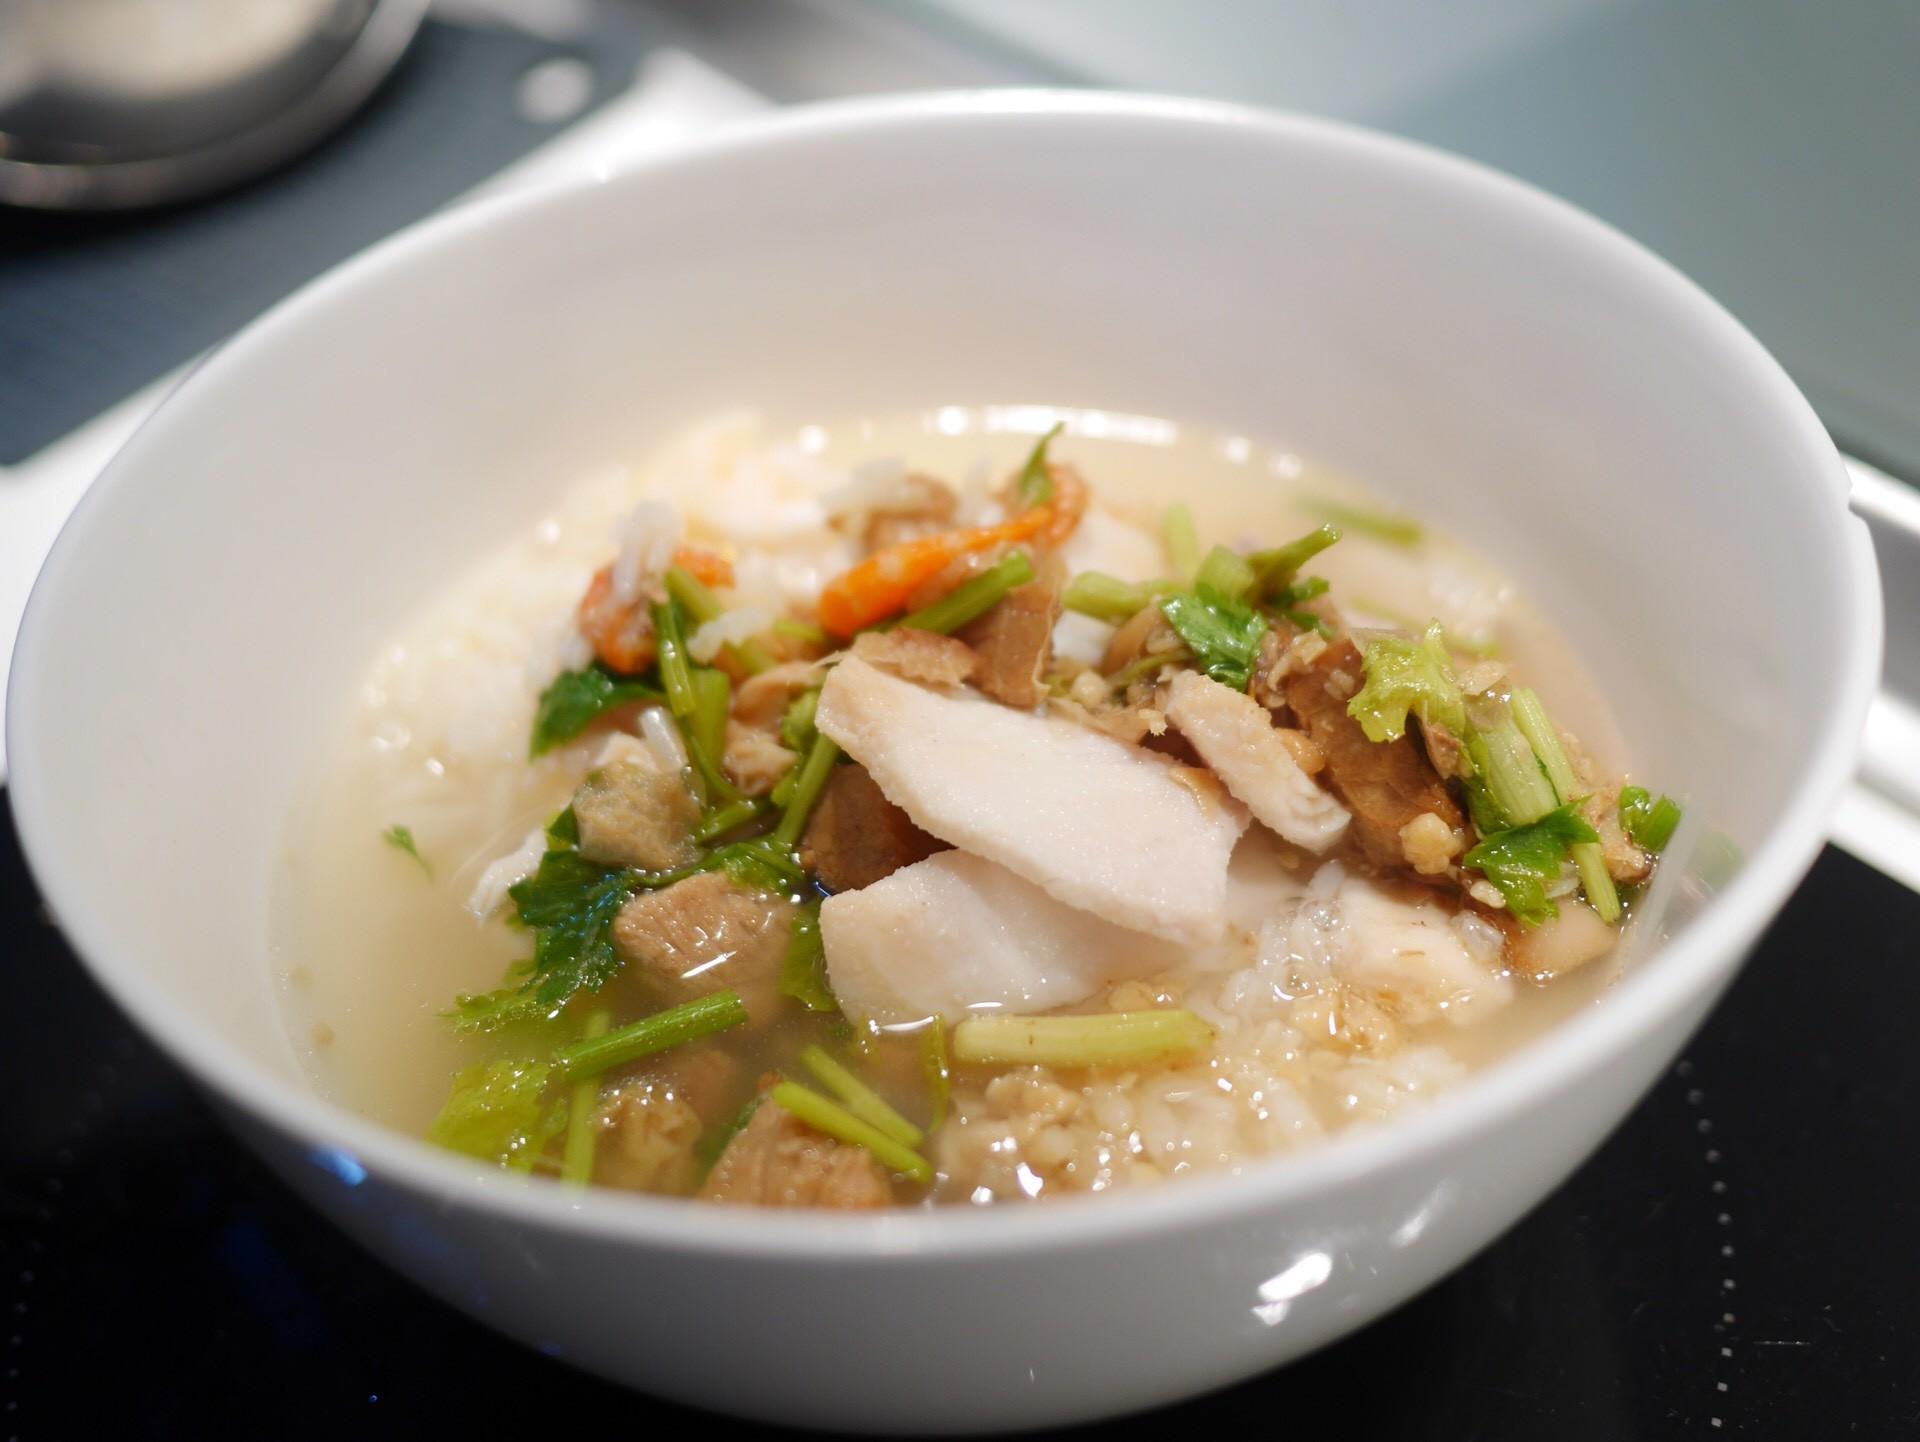 ข้าวต้มปลากิมโป้ (เฮียฮ้อ) ถนนจันทน์